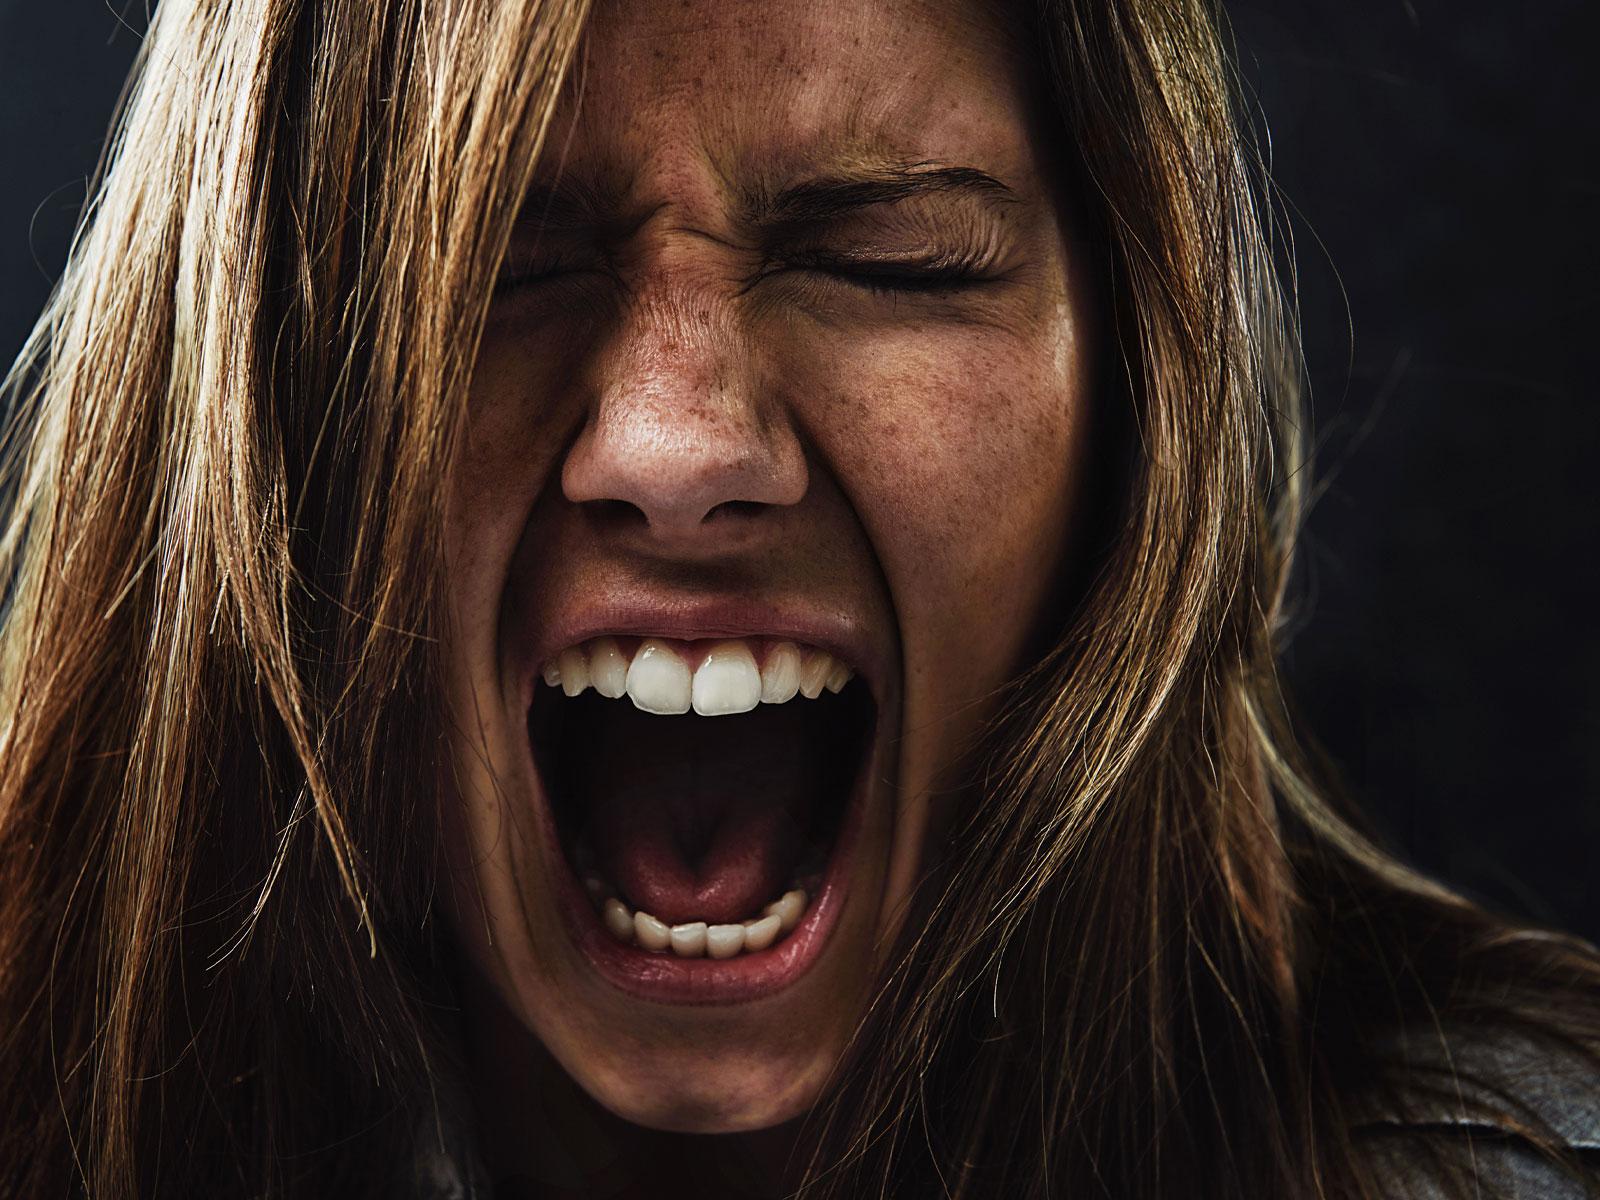 Existe uma maneira infalível para acalmar a ira interior